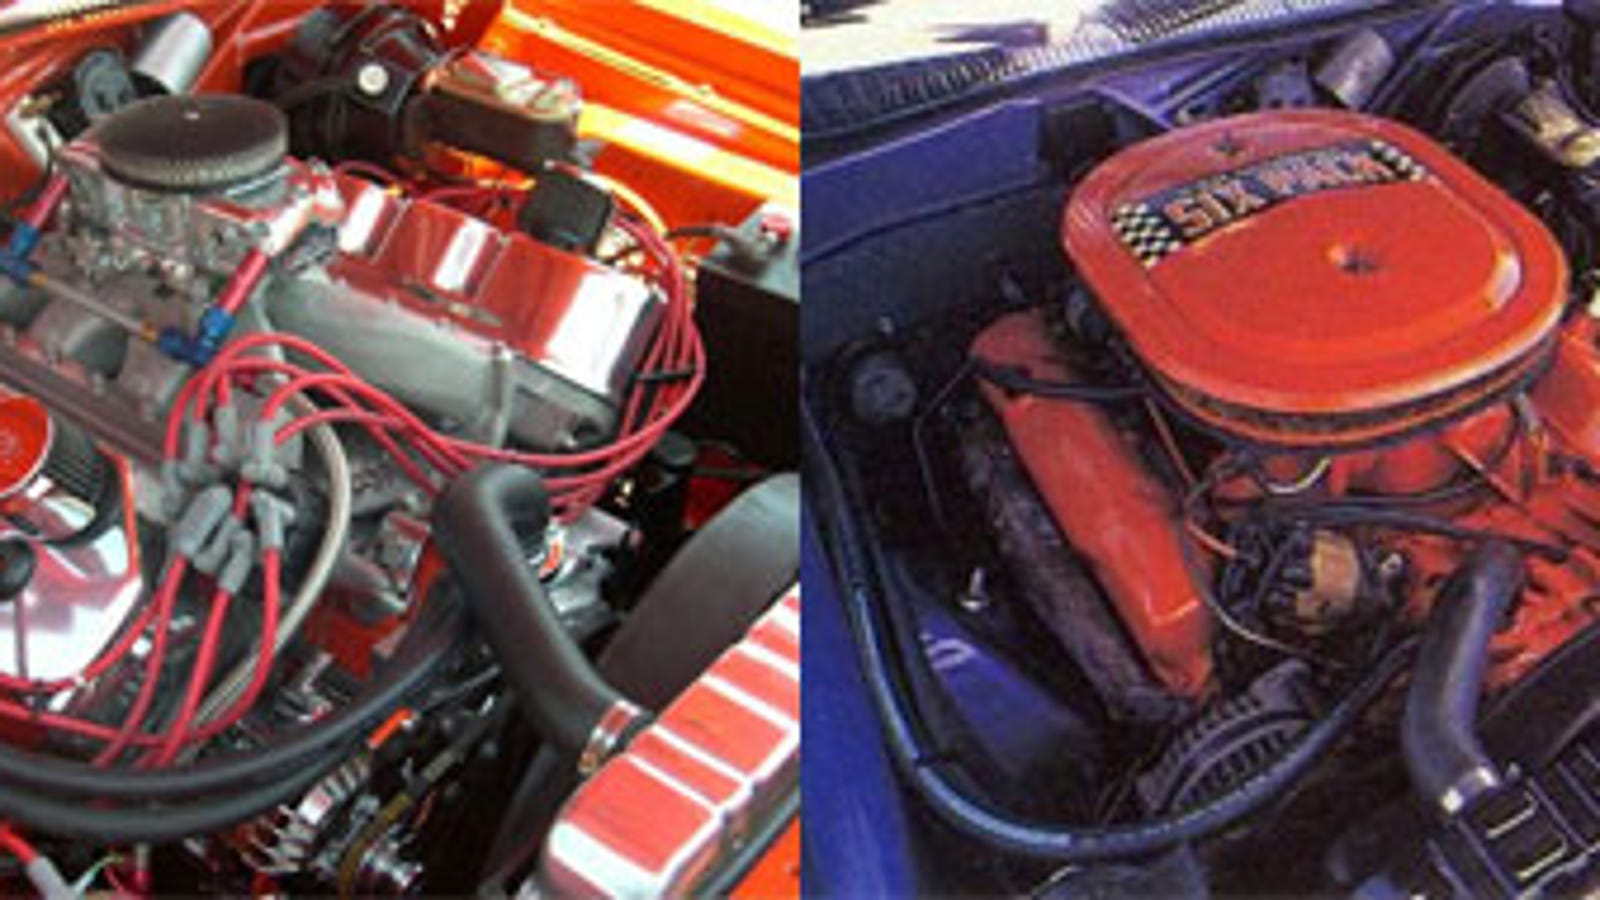 Charger Vs Challenger >> My Favorite Mopar: Hemi 426 or 440 Magnum?